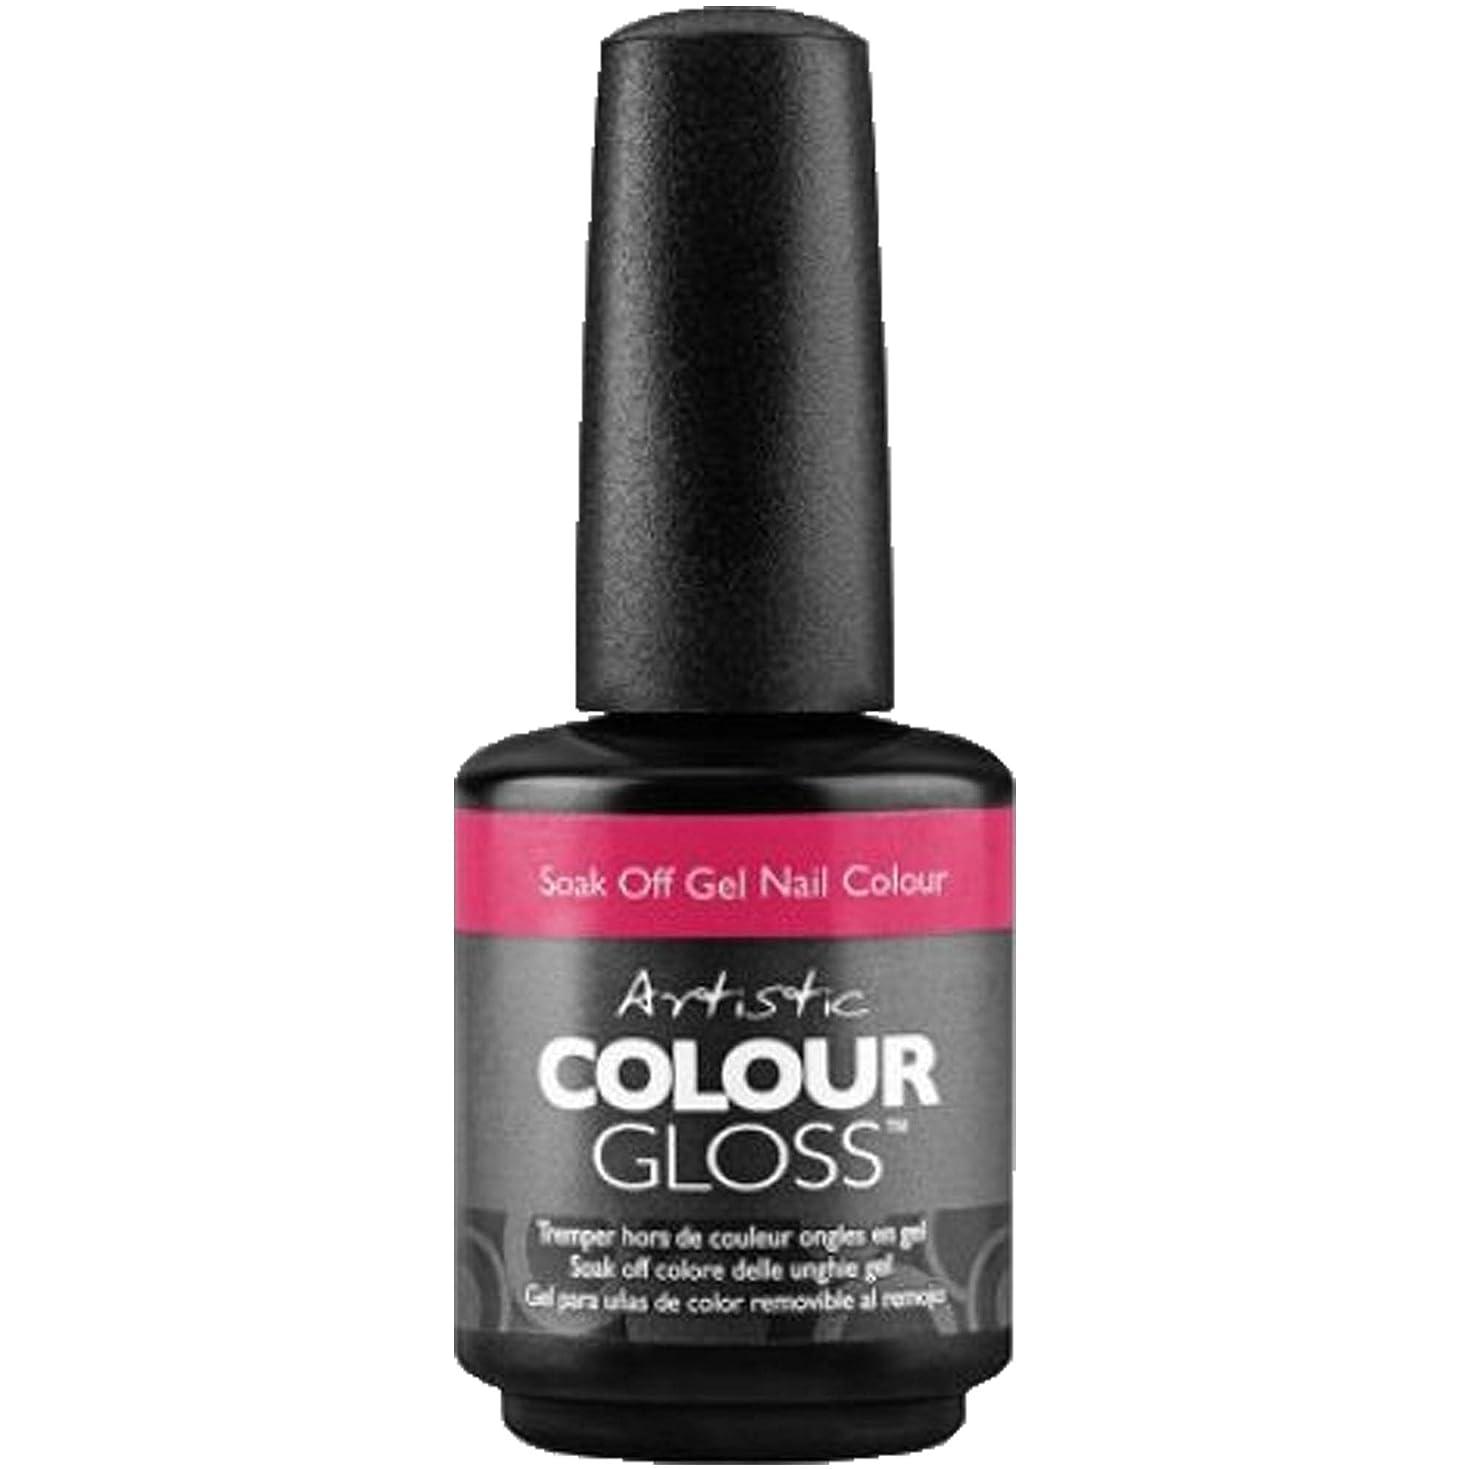 ハイライト雄弁家プランテーションArtistic Colour Gloss - Get Your Own Man-i - 0.5oz / 15ml